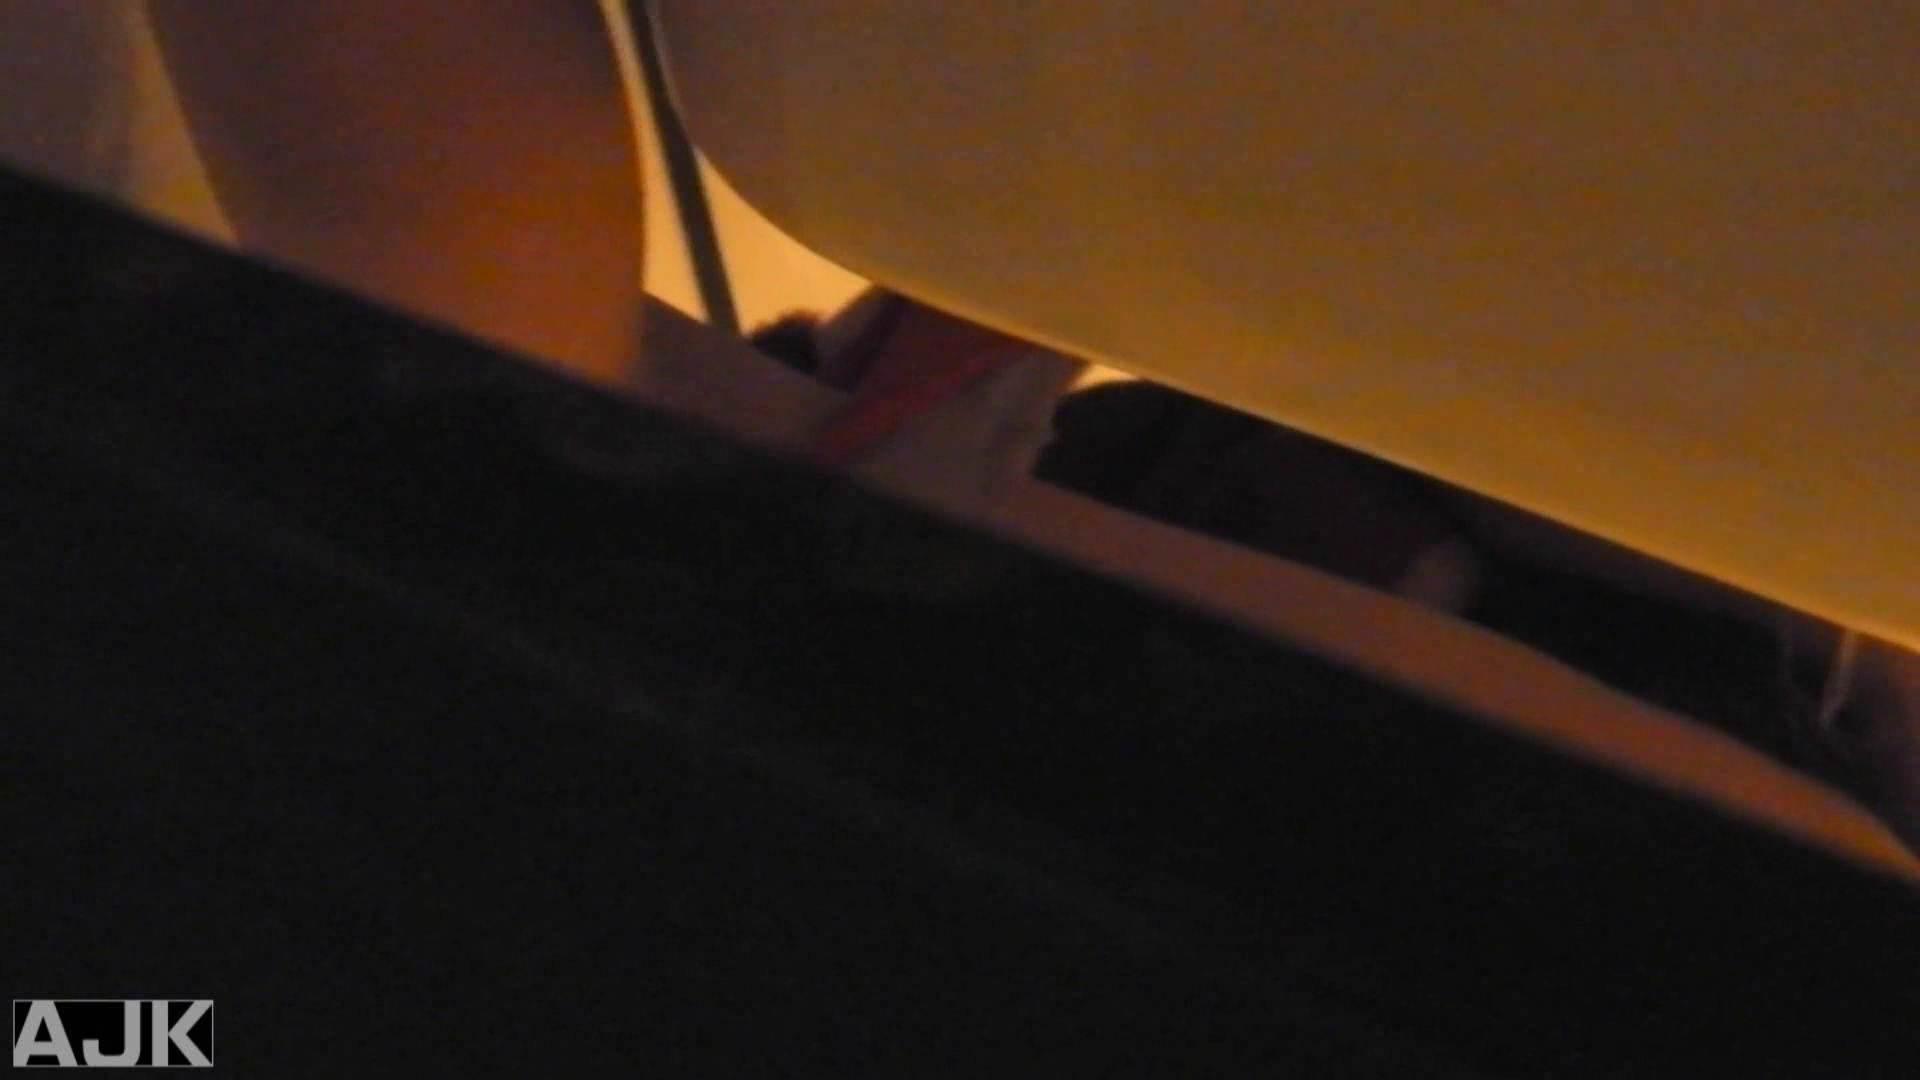 神降臨!史上最強の潜入かわや! vol.25 無料オマンコ すけべAV動画紹介 56PICs 5